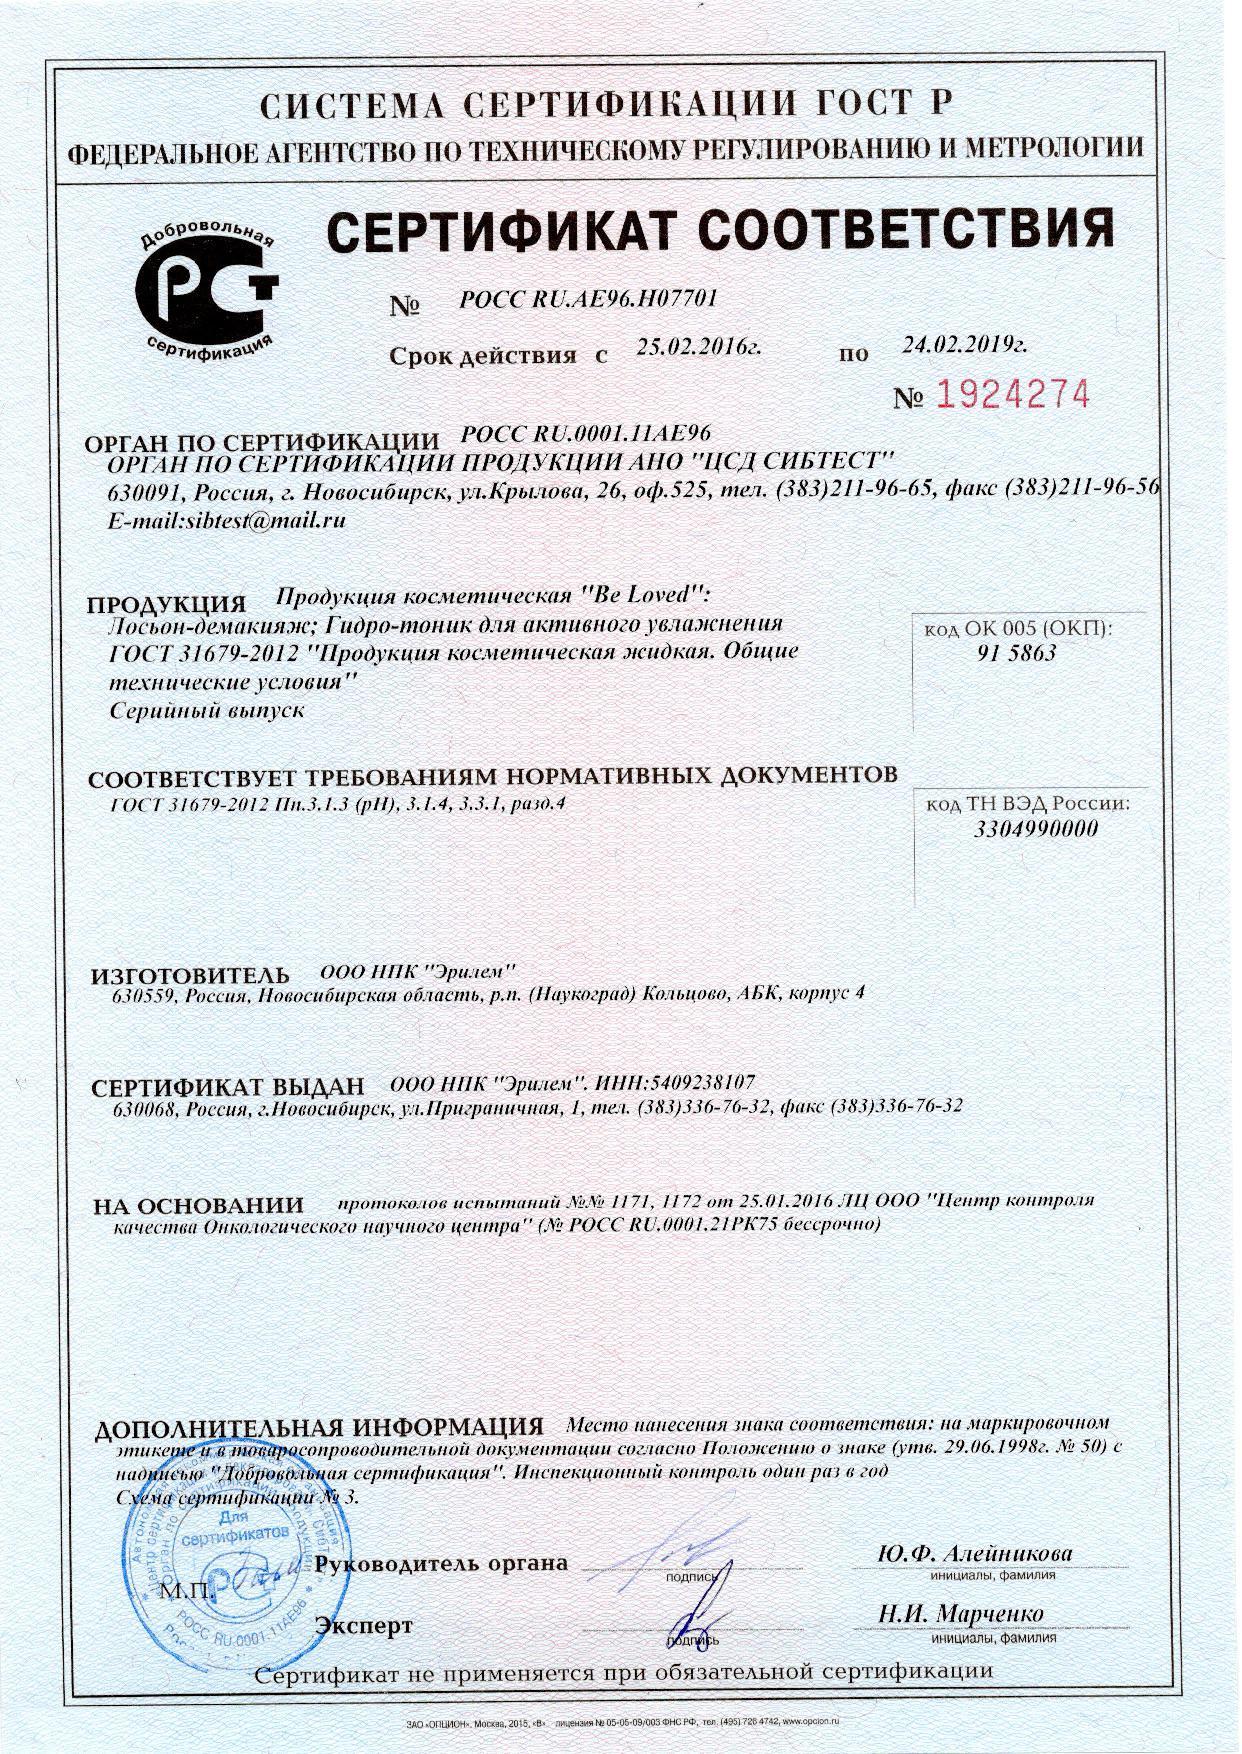 Фото сертификата на косметику